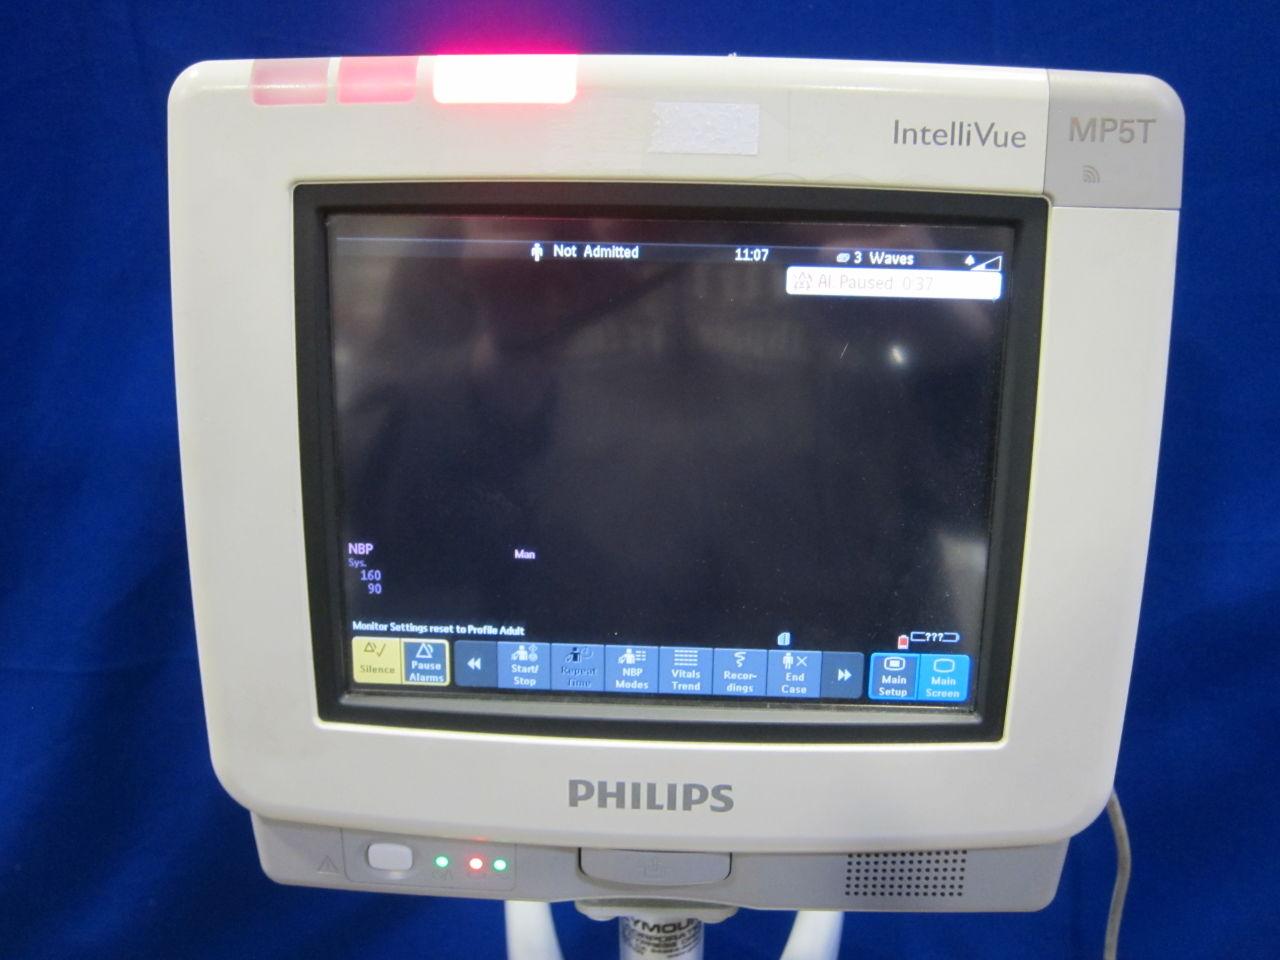 PHILIPS Intellivue Monitor